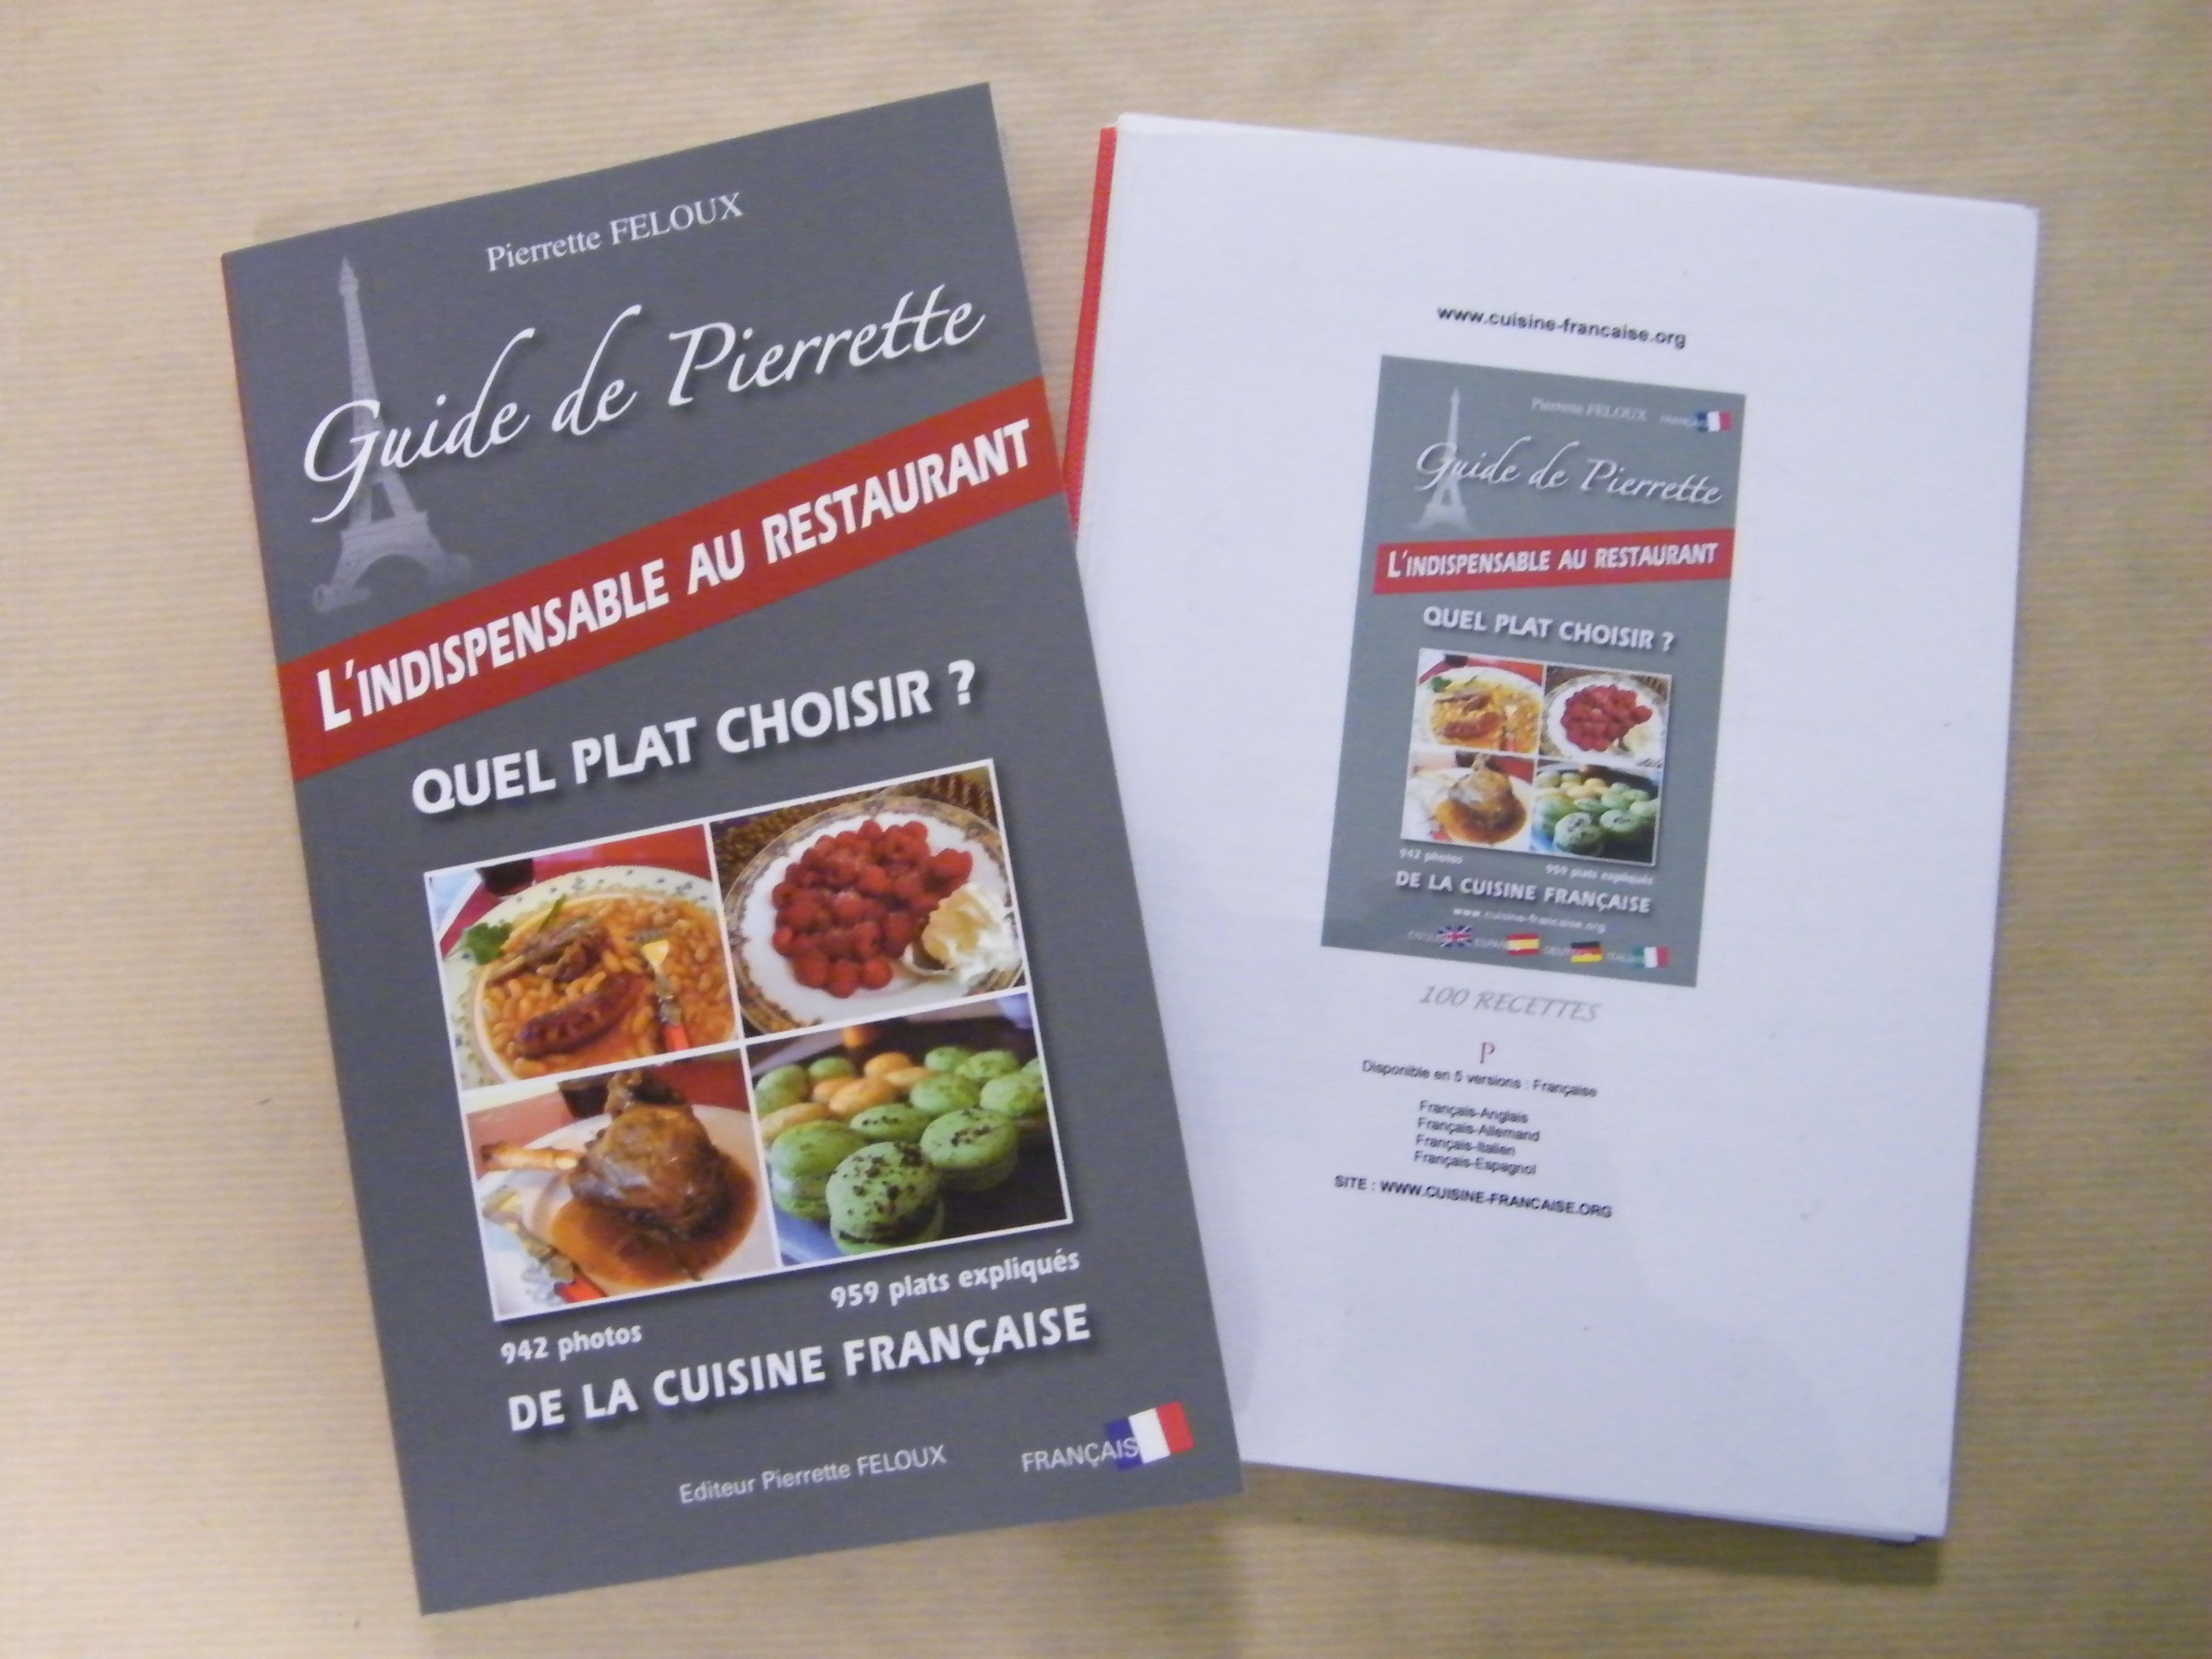 Livre de cuisine fran aise en anglais - Blog de cuisine francaise ...